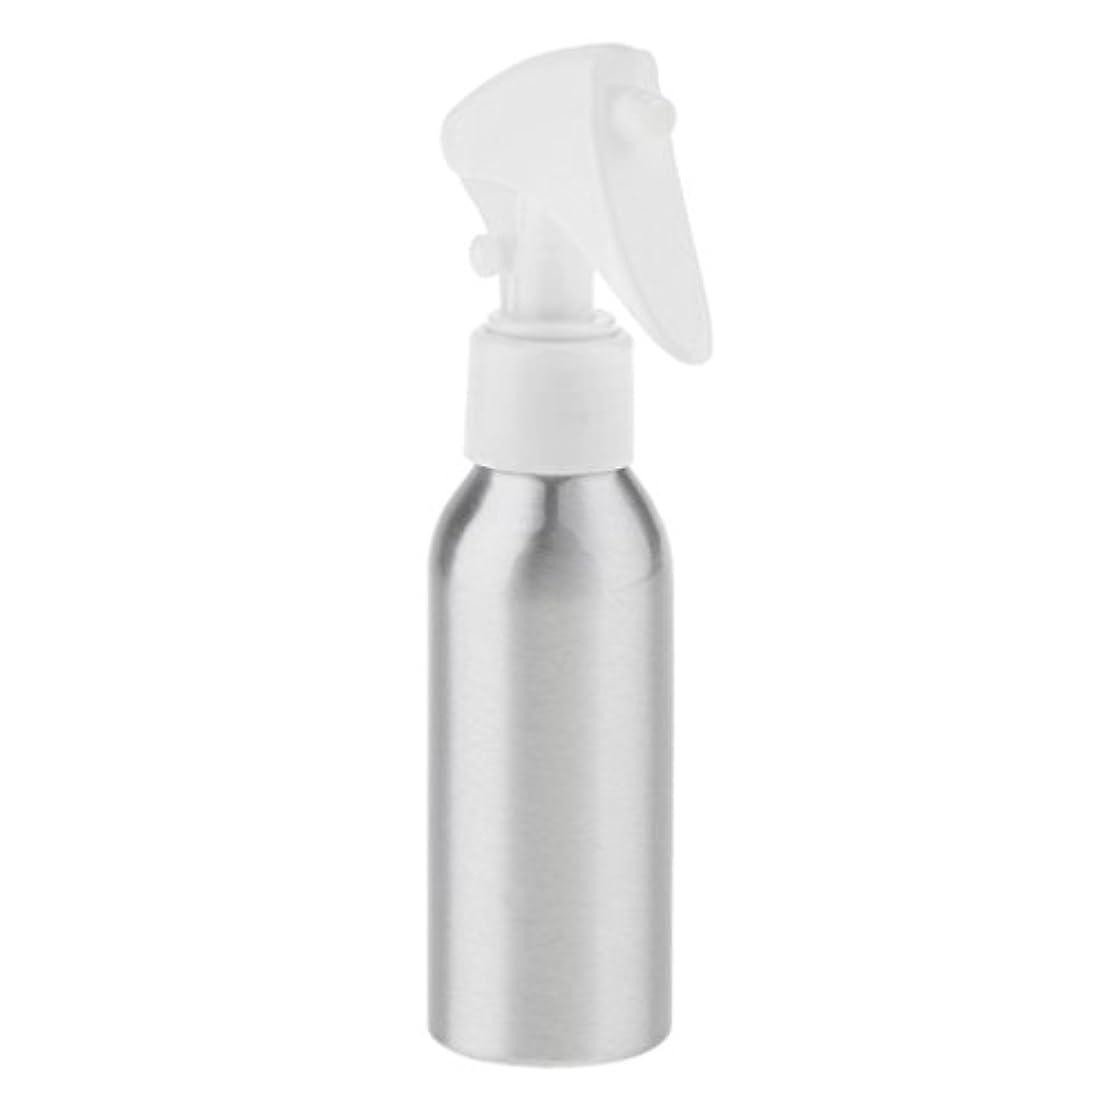 欠乏メガロポリス北西Baosity スプレーボトル 空ボトル 水スプレー スプレー ポンプボトル 噴霧器 家庭用 プロのサロン 多機能 6サイズ選択 - 100ML